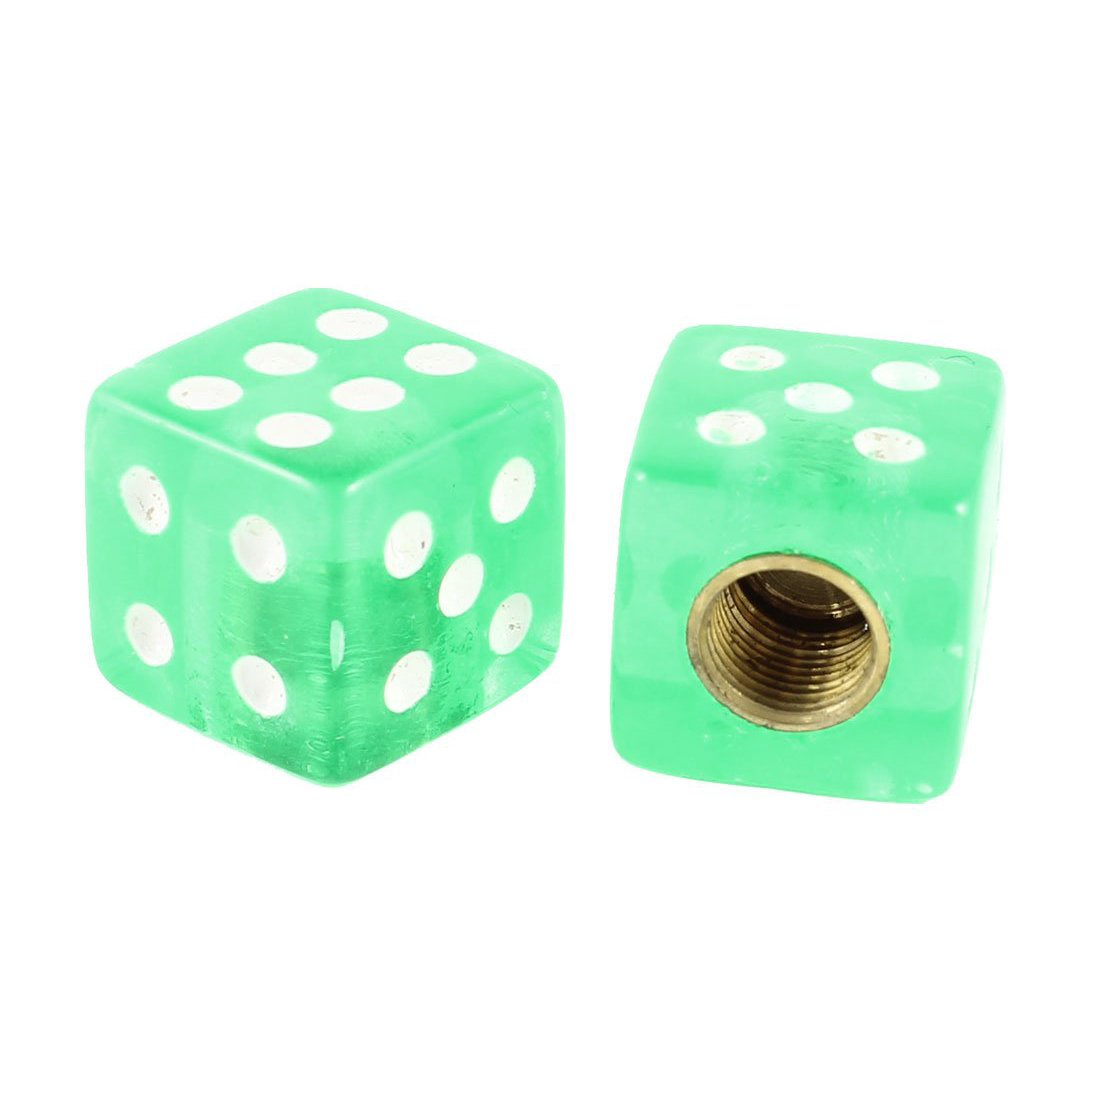 REFURBISHHOUSE 4 Piezas de Casquillos de vastago de la Valvula del neumatico en Form de Dados de Cubo Verde para el Coche